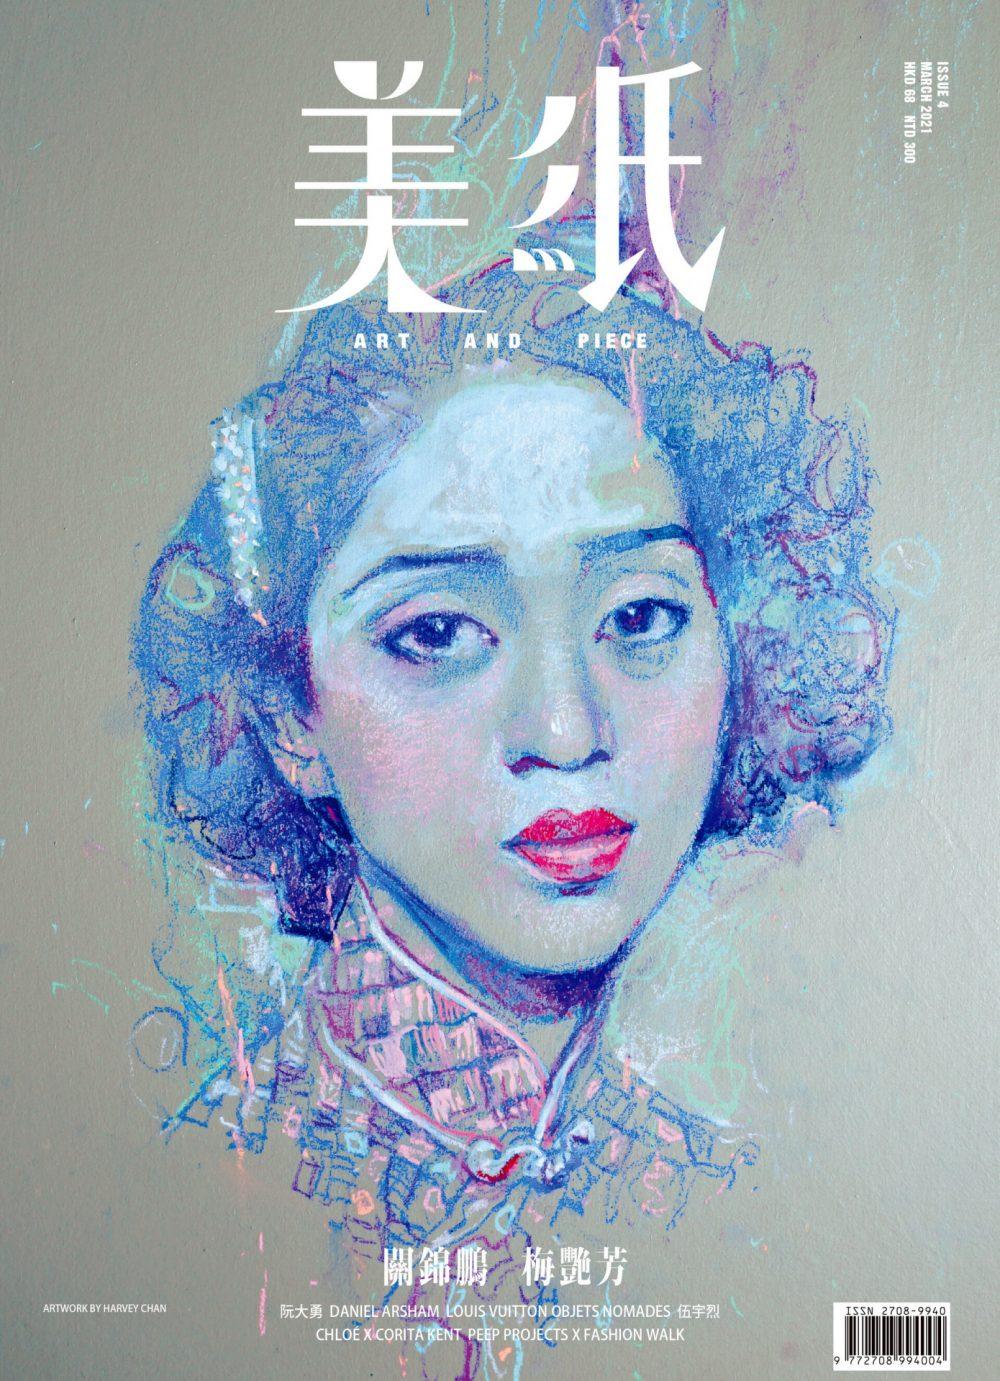 ISSUE 4 – 關錦鵬 X 梅艷芳